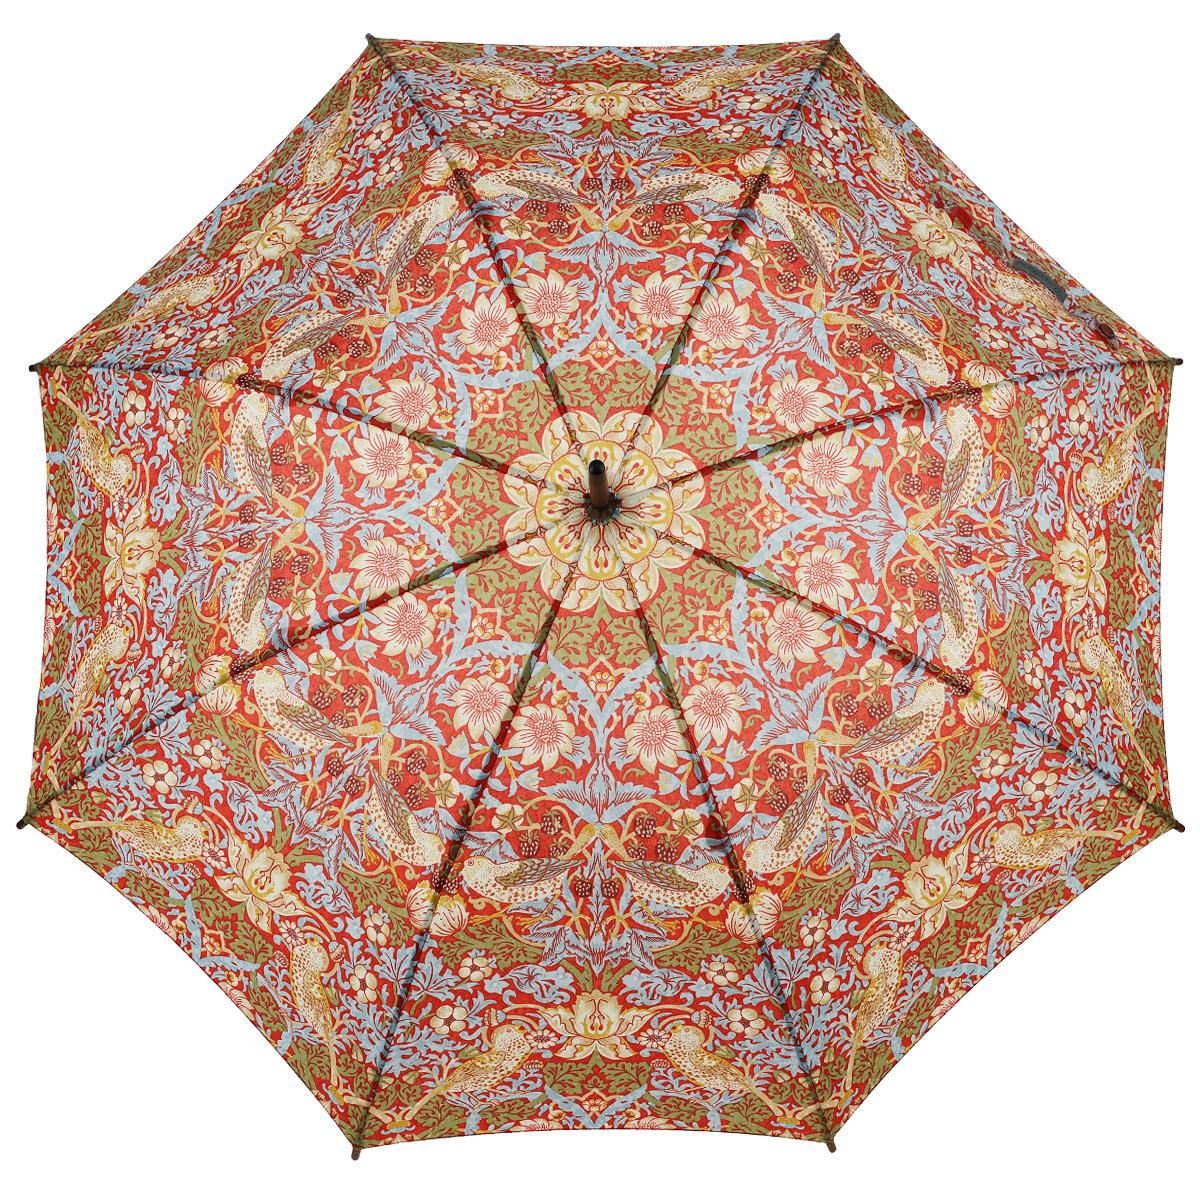 Зонт-трость женский Strawberry Thief, механический, цвет: голубой, красный45100636-1/18466/4900NСтильный механический зонт-трость Strawberry Thief даже в ненастную погоду позволит вам оставаться элегантной. Облегченный каркас зонта выполнен из 8 спиц из стали, стержень изготовлен из дерева. Купол зонта выполнен из прочного полиэстера и оформлен красочным принтом с изображением птиц. Рукоятка закругленной формы разработана с учетом требований эргономики и выполнена из дерева. Зонт имеет механический тип сложения: купол открывается и закрывается вручную до характерного щелчка.Такой зонт не только надежно защитит вас от дождя, но и станет стильным аксессуаром. Характеристики:Материал: полиэстер, сталь, дерево. Диаметр купола: 102 см.Цвет: голубой, красный. Длина стержня зонта: 78 см. Длина зонта (в сложенном виде): 89 см.Вес: 370 г.Артикул: L715 3S2593.